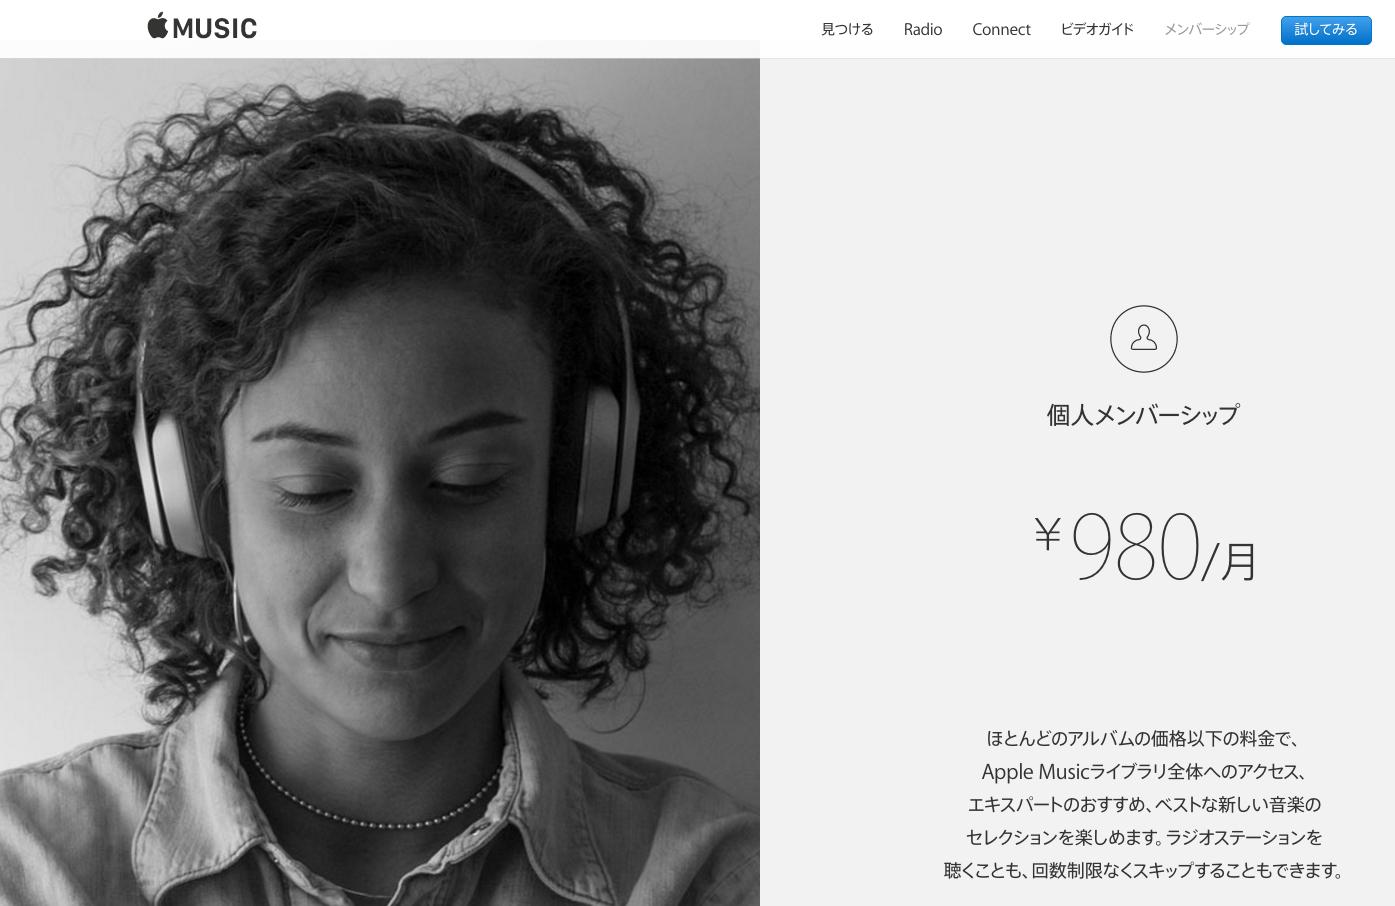 AppleMusic 有料会員数、世界で1000万人を越えた 世界音楽市場(2014)の6.2%のシェアに匹敵 1